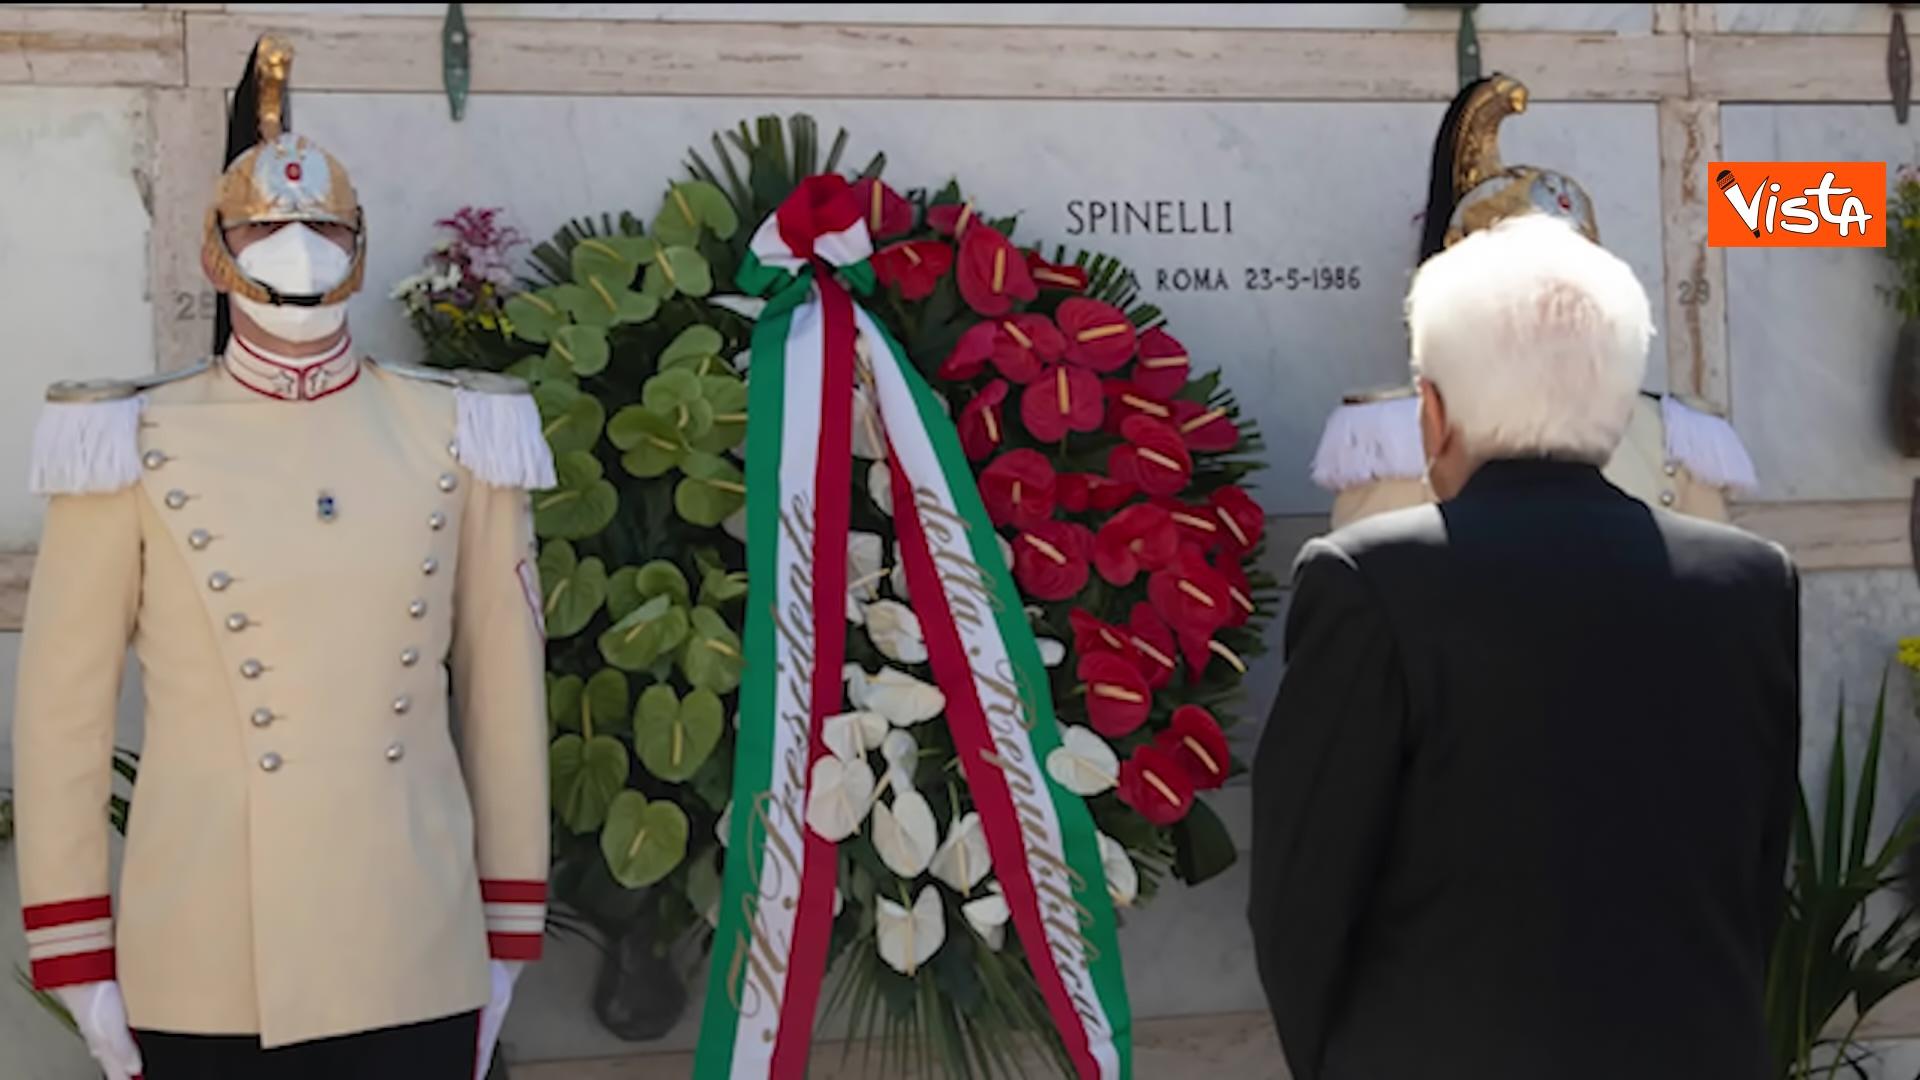 29-08-21 Il Presidente Mattarella a Ventiotene 01_00603935625035658818